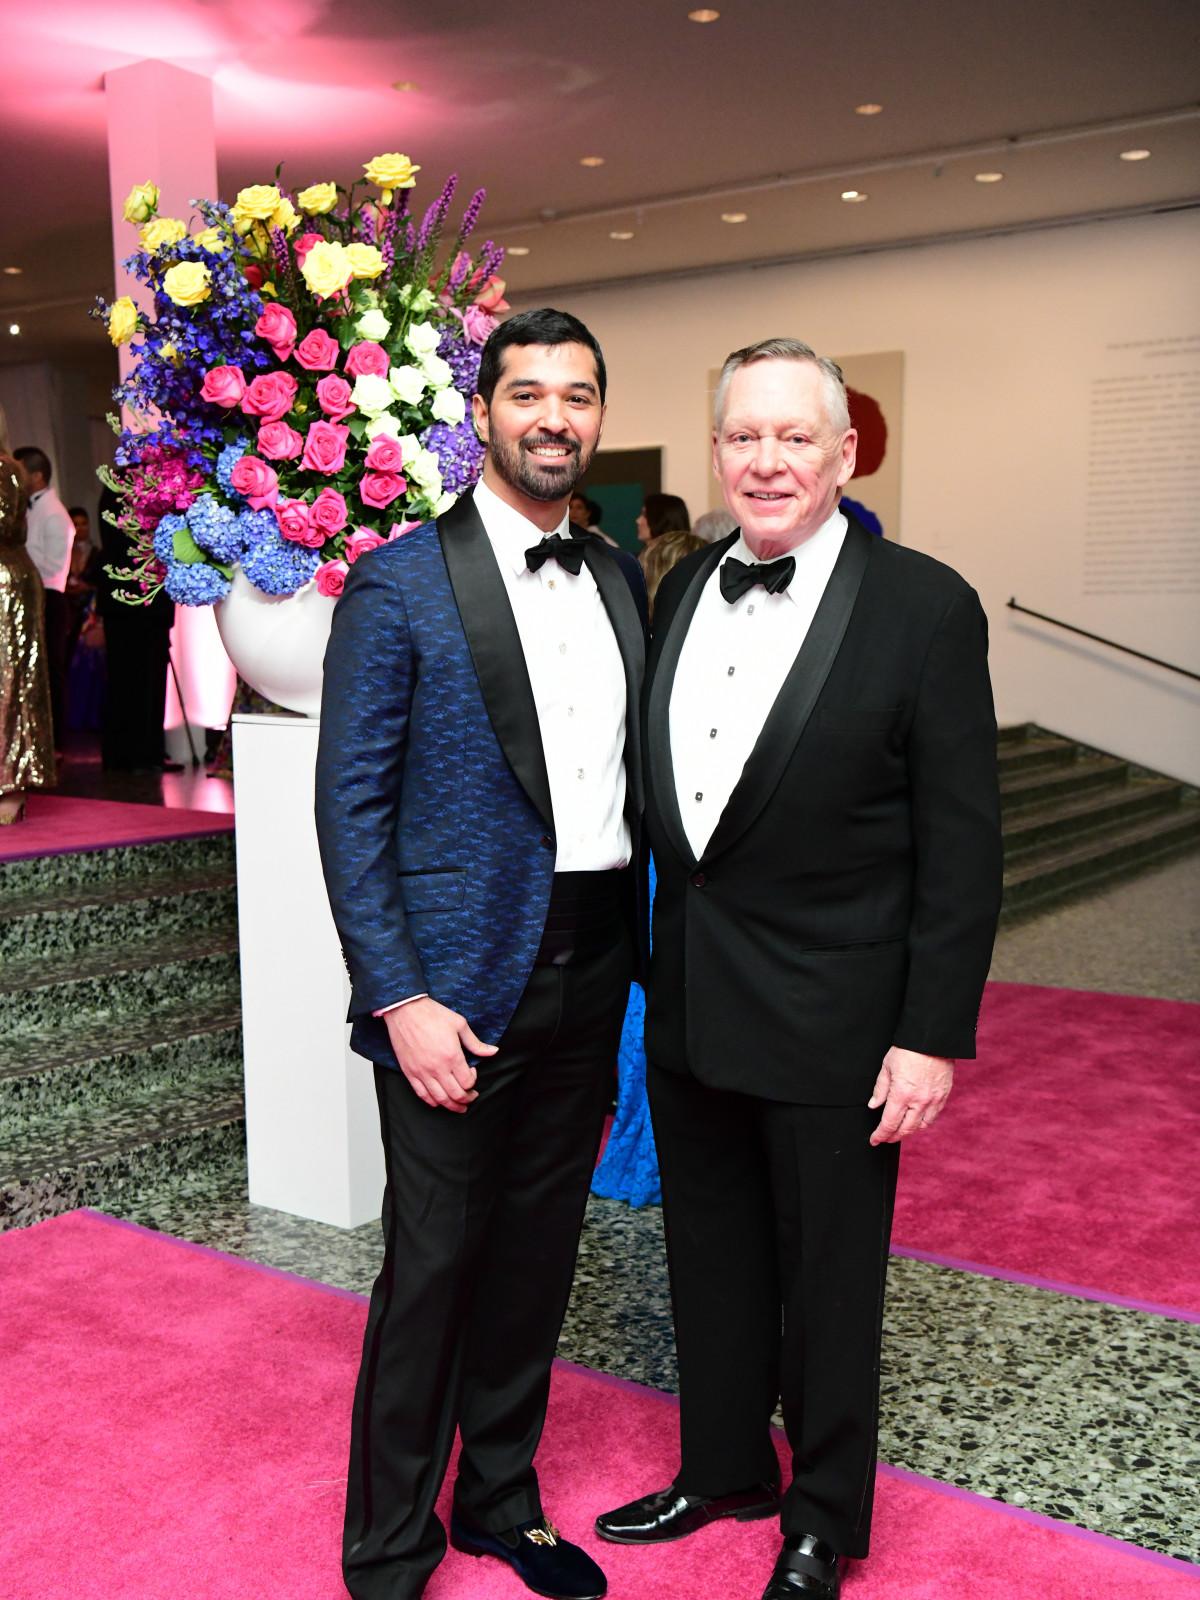 MFAH Grand Gala Ball 2019 Angel Rios Richard Flores